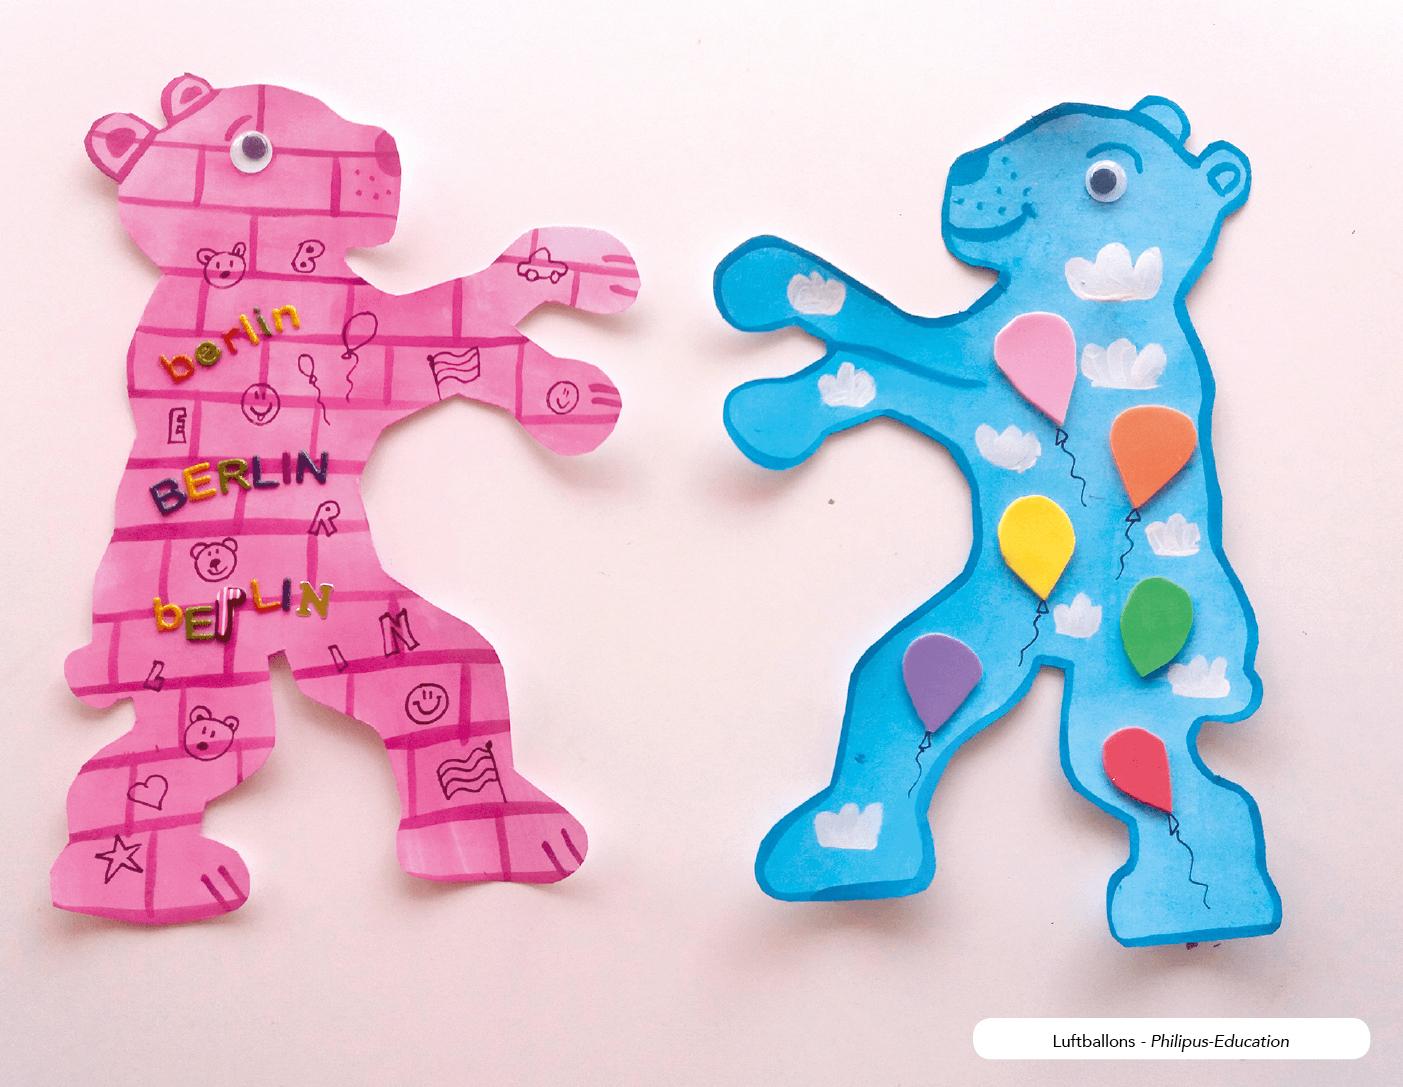 Ein rosa Bär mit Mauer-Graffiti und ein Bär mit Luftballons